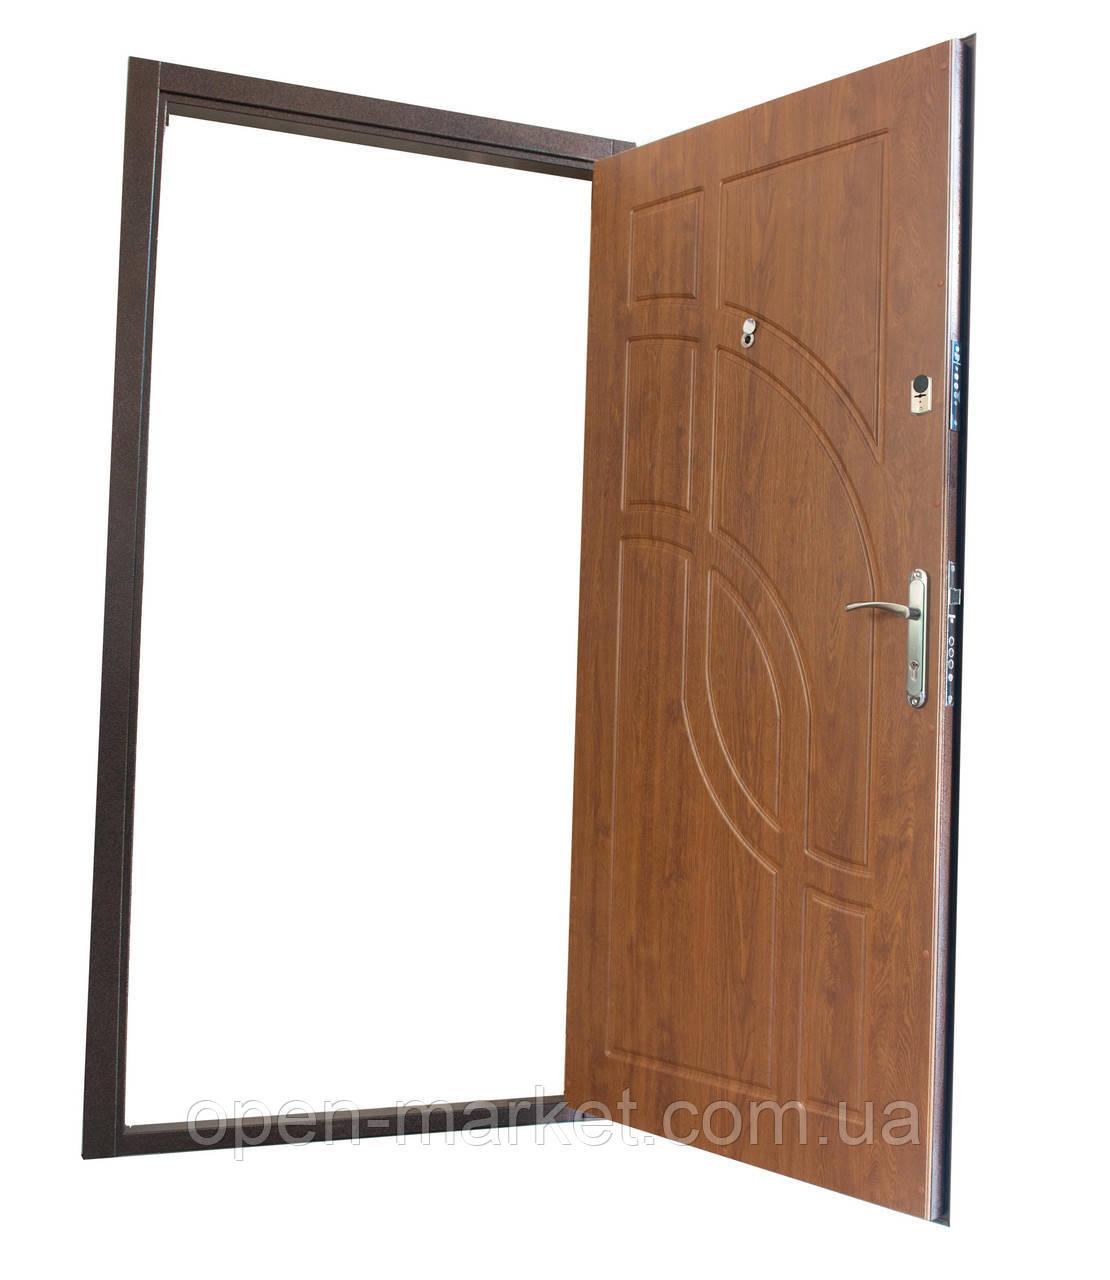 Двери уличные Ольшанское Николаевская область